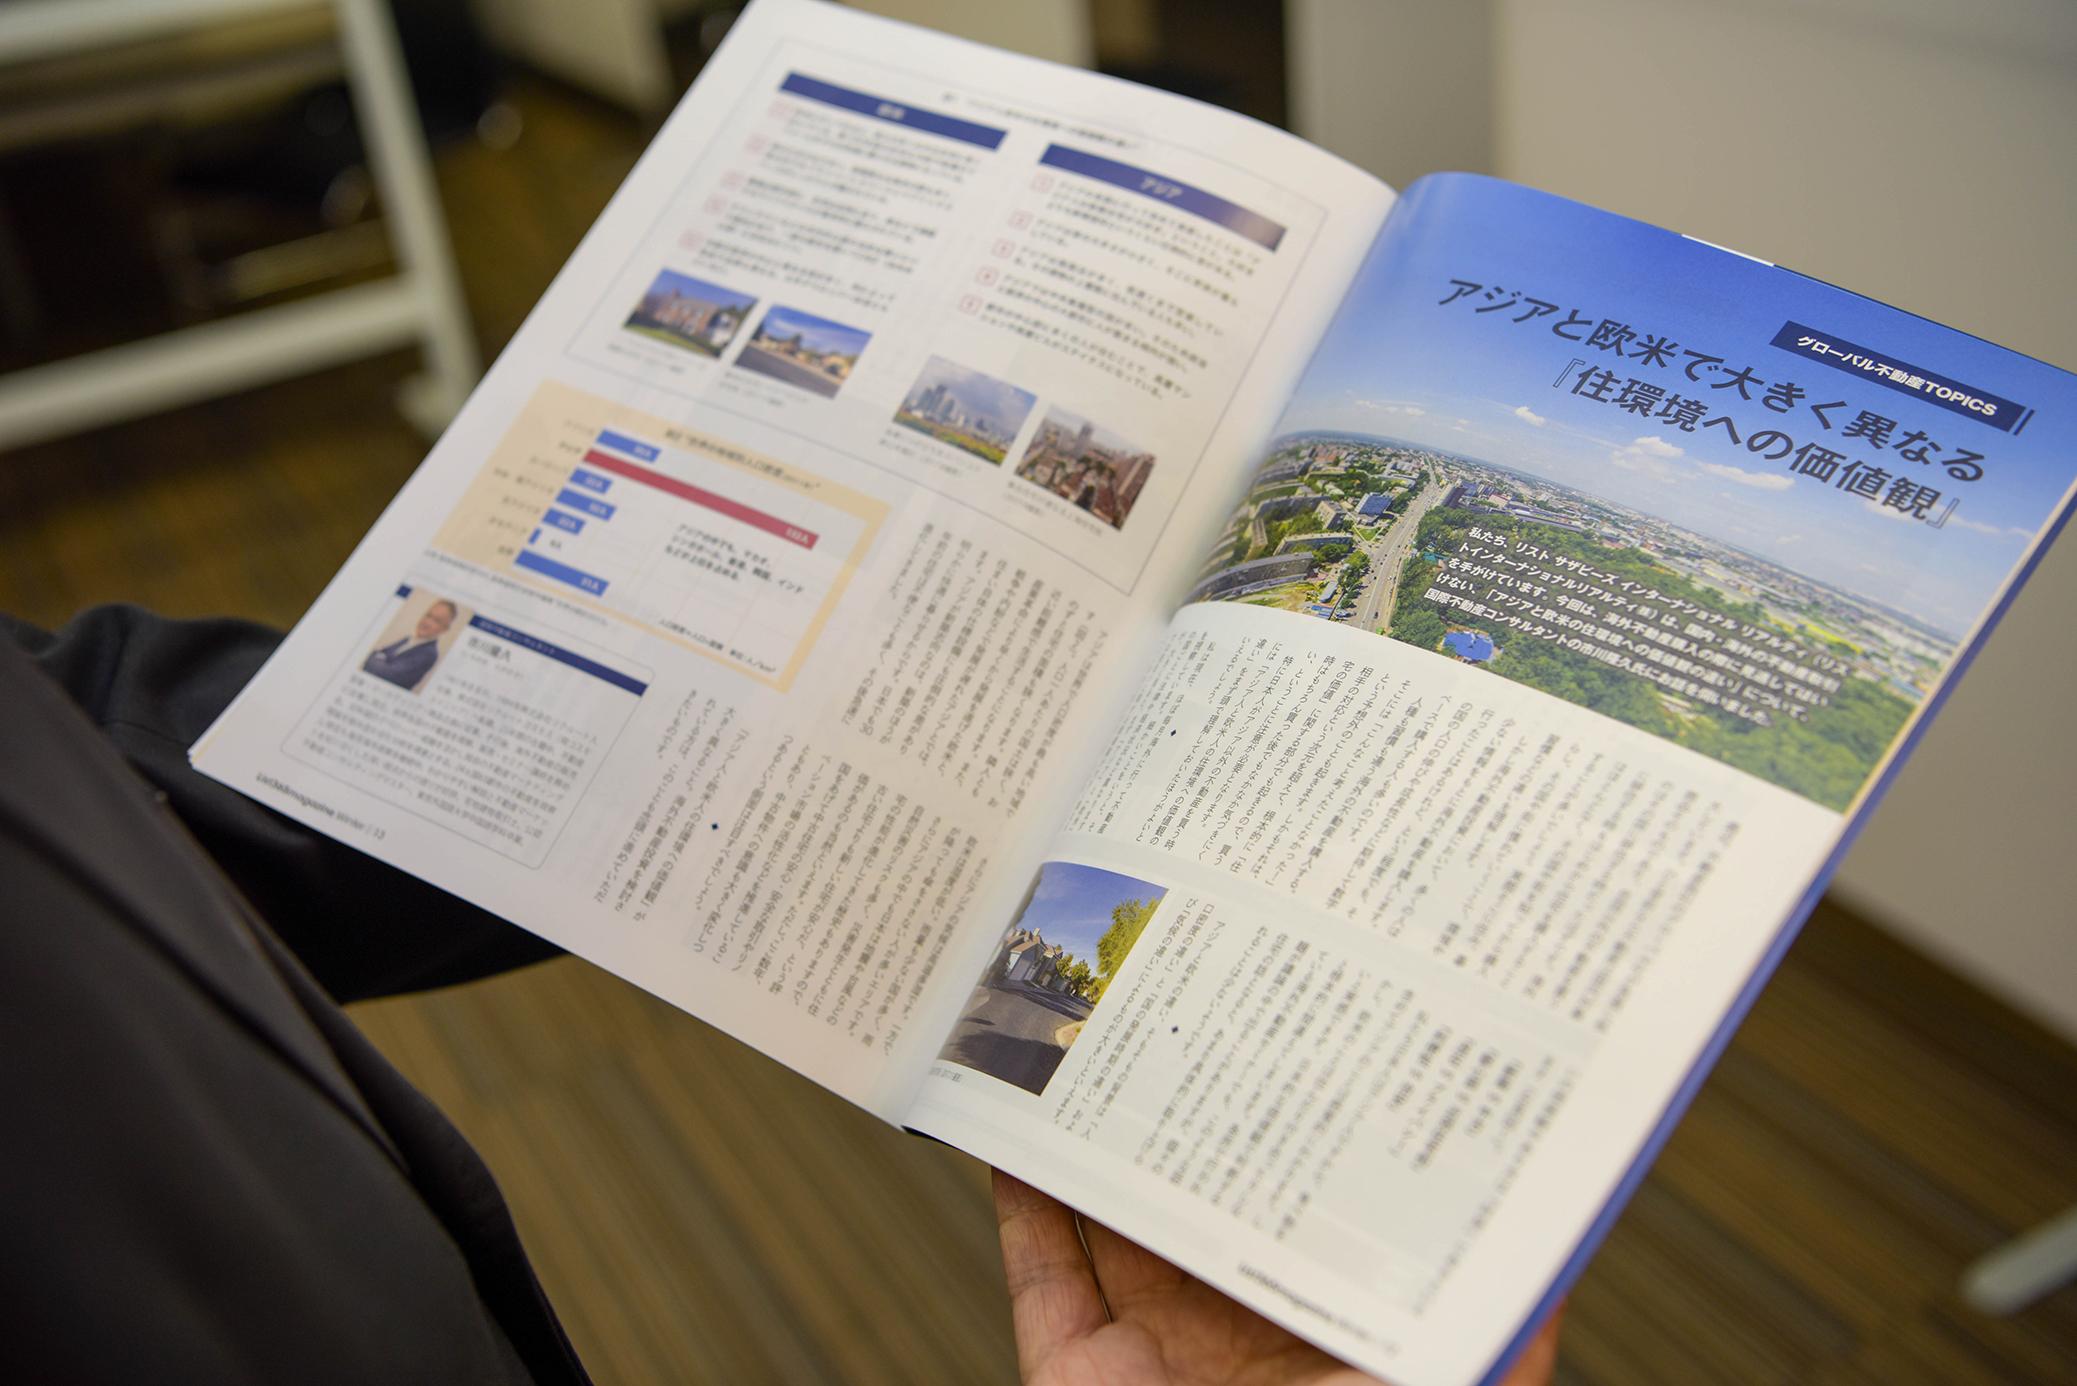 「List365 magazine」に、市川隆久の記事が掲載されました!